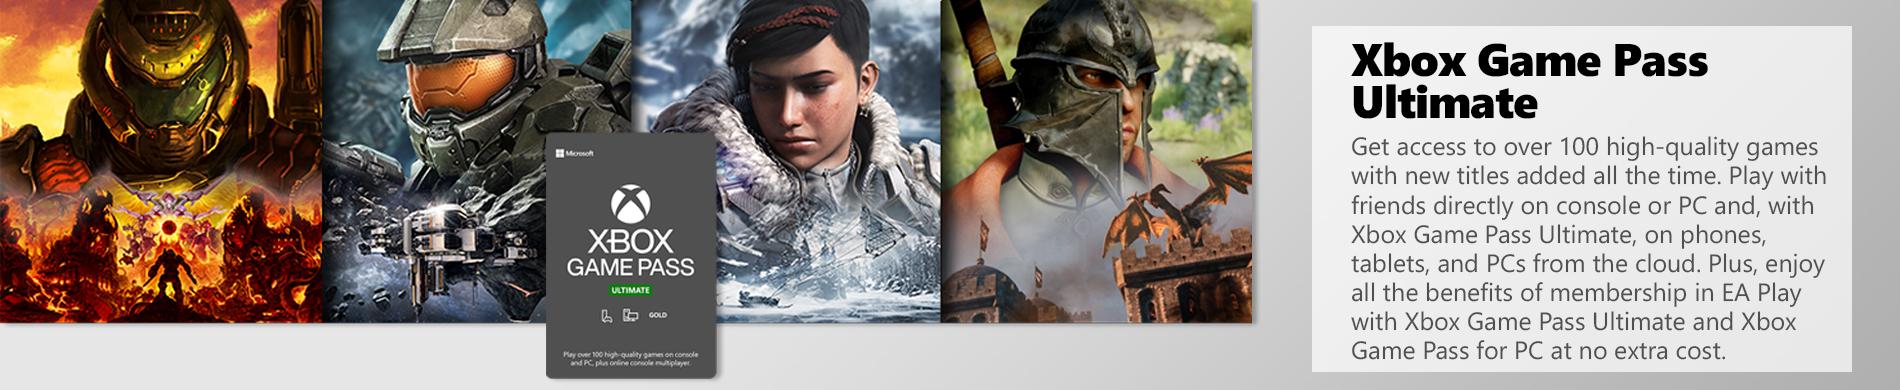 Microsoft Xbox GamepassLP Update 08.16.ultimate